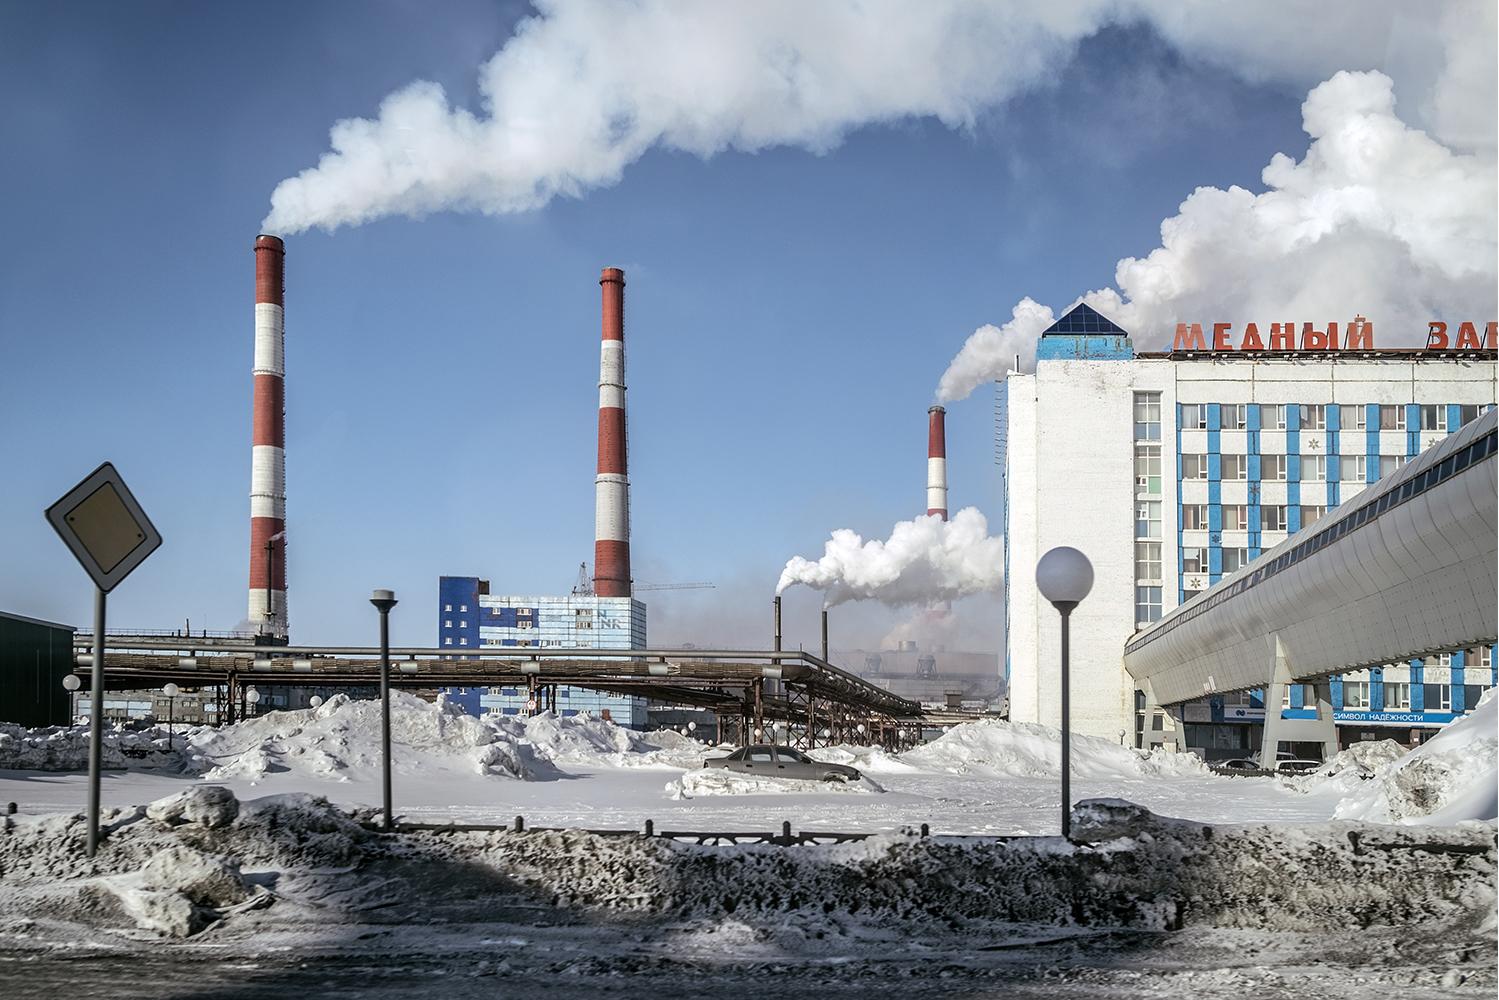 El paisaje de chimeneas humeantes de Norilsk forma parte del skyline sim- bólico e identitario de esta ciudad. Éstas se pueden ver desde cualquier lado de la ciudad.